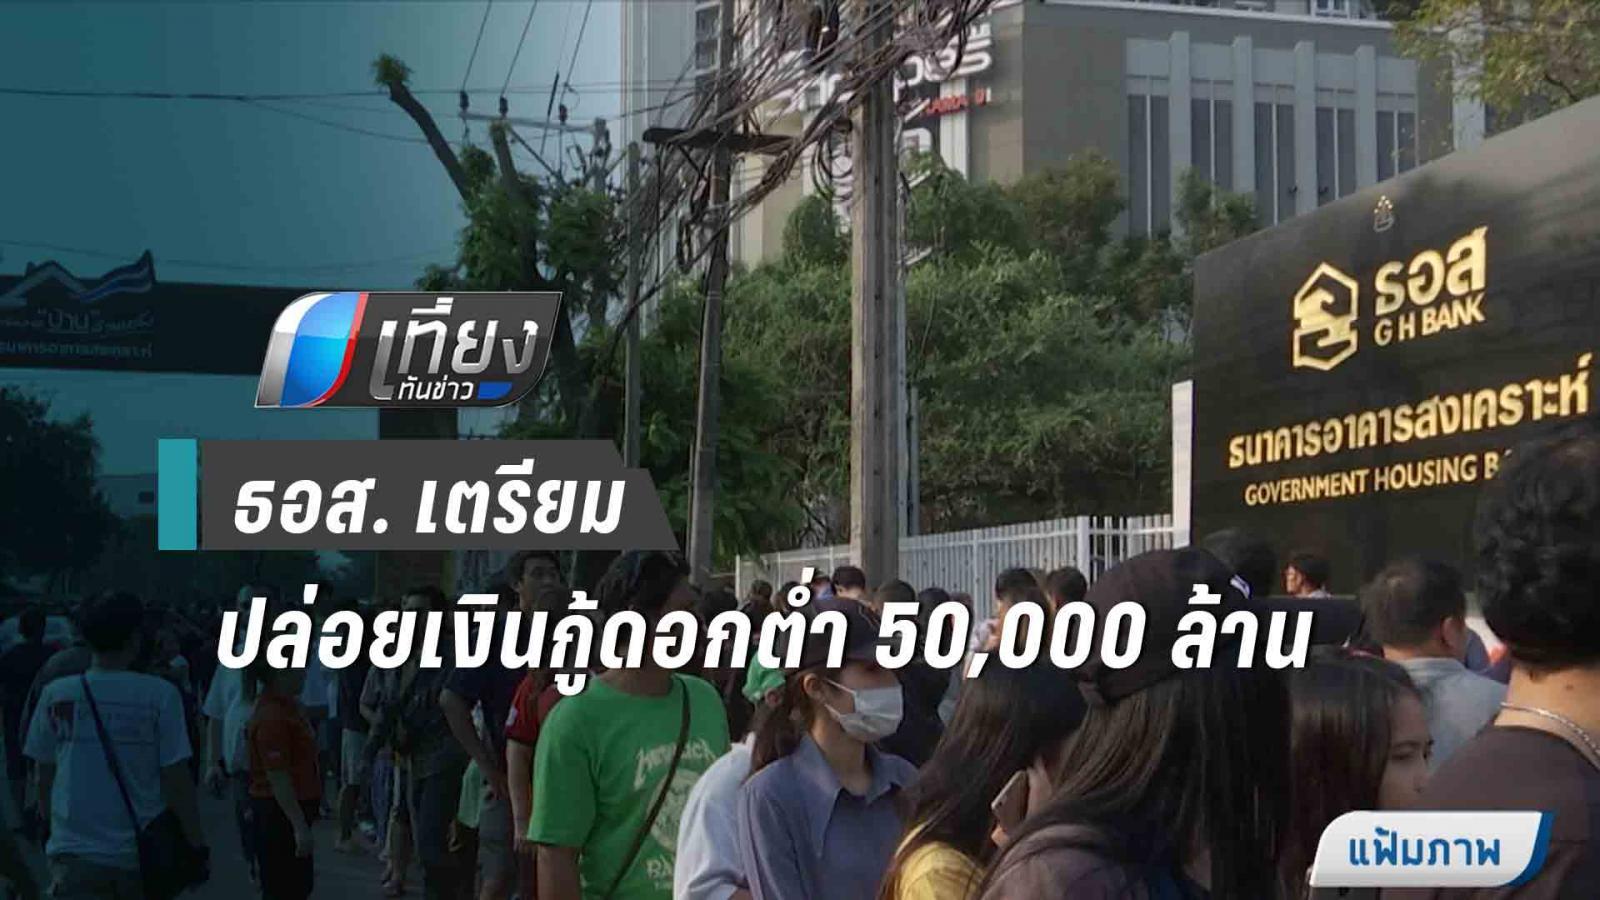 ธอส. ชงปล่อยเงินกู้ดอกเบี้ยต่ำ 50,000 ล้าน